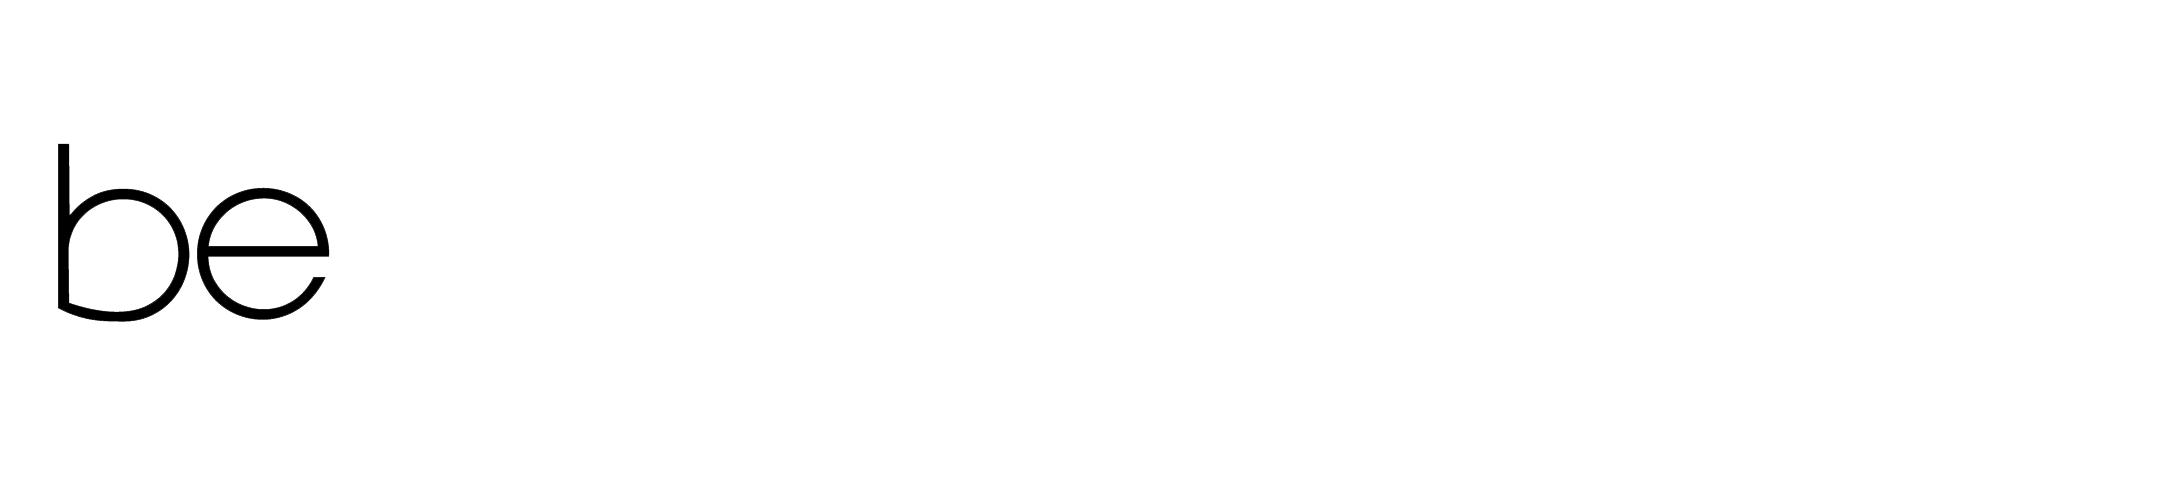 Baselec Entreprise